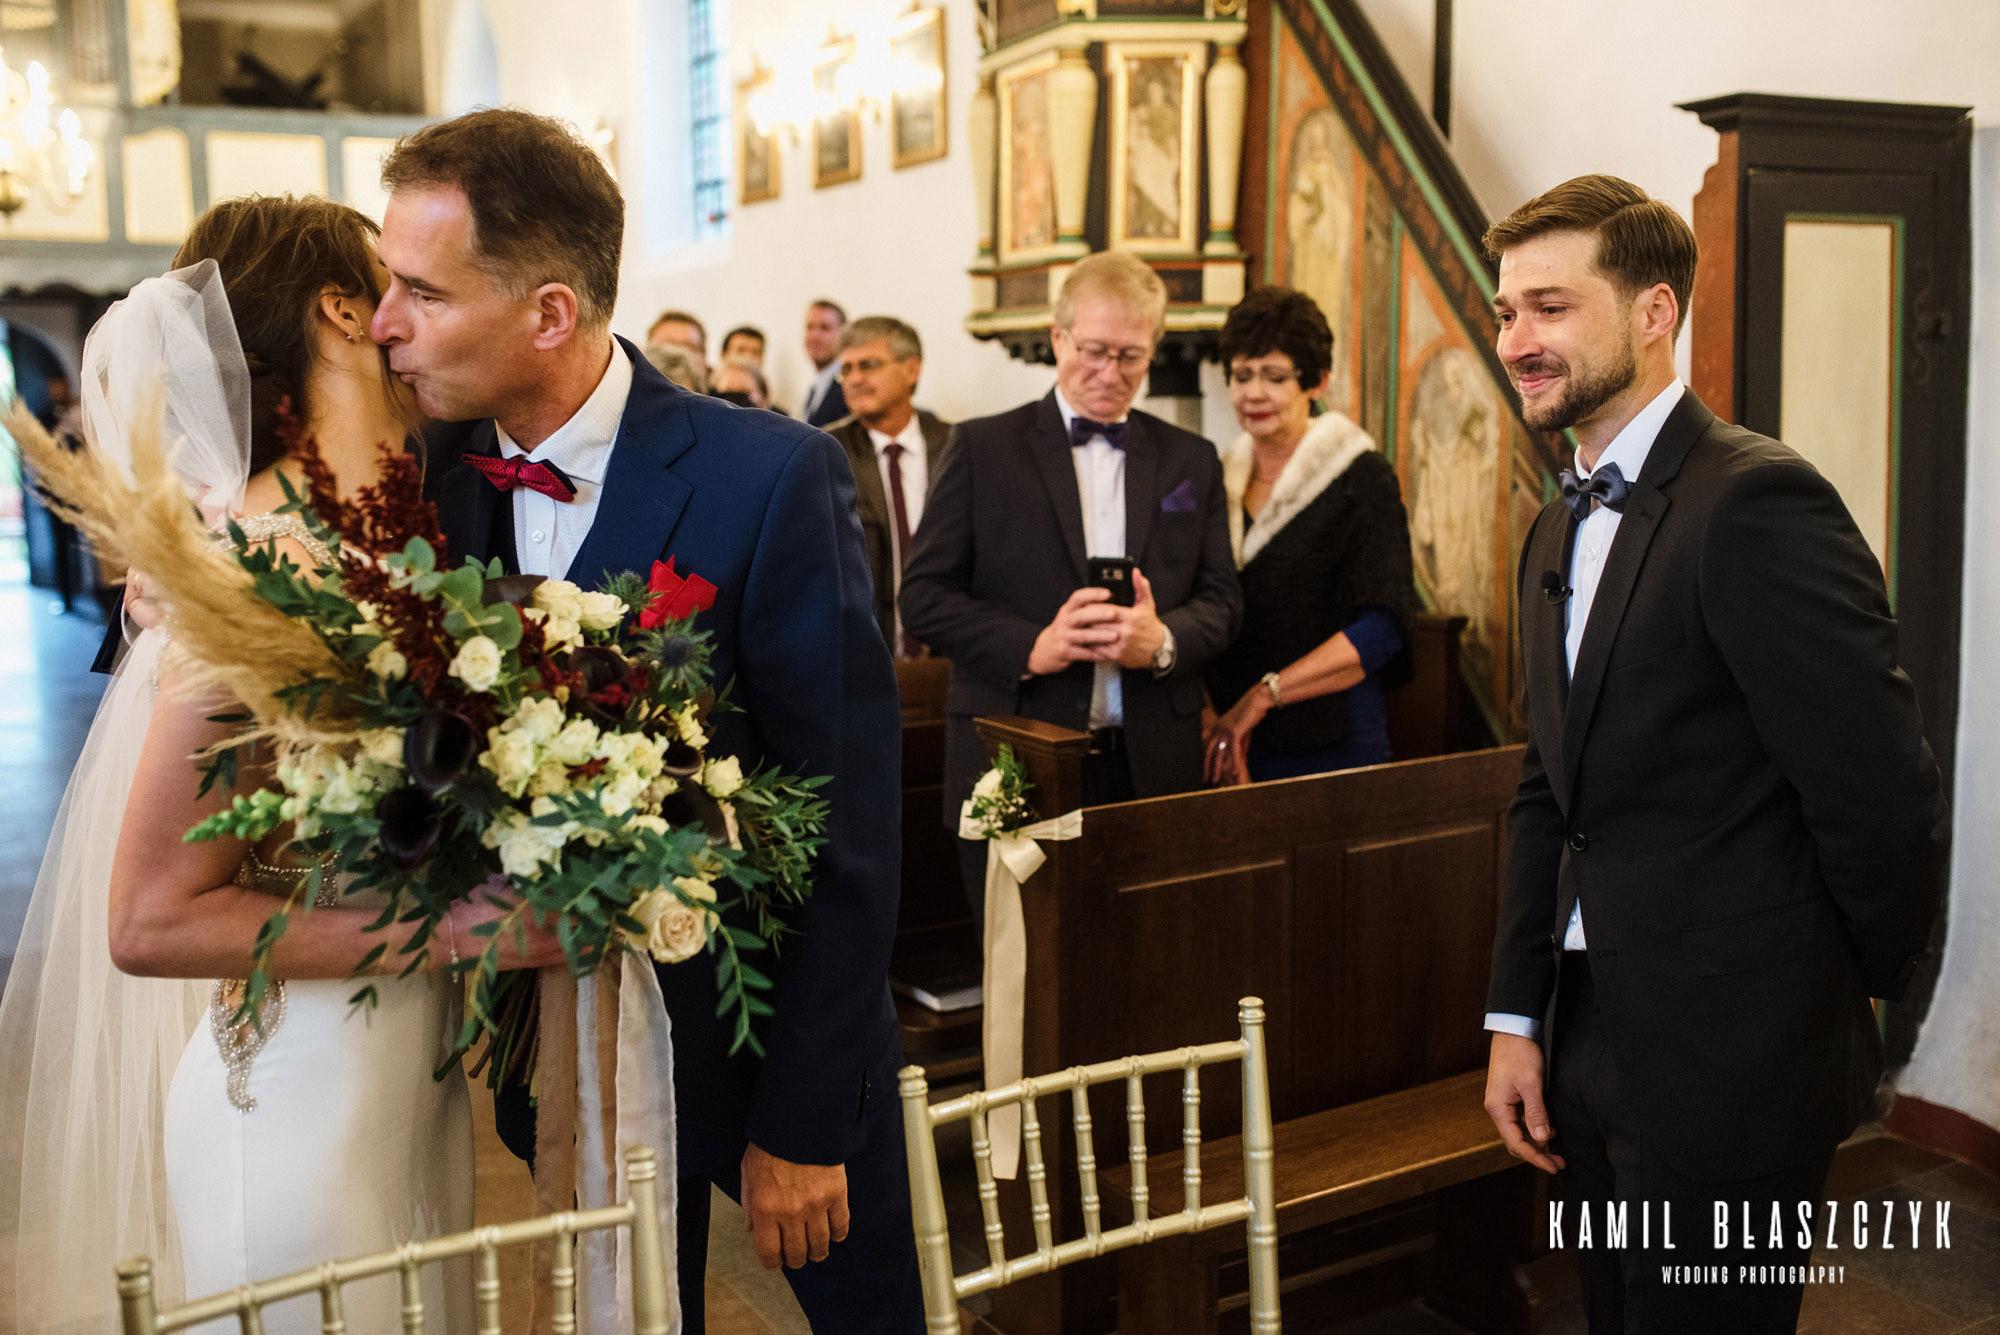 zdjęcia ślubne w kościele, oddanie córki przez Ojca podczas ceremonii ślubu Moniki i Kobusa